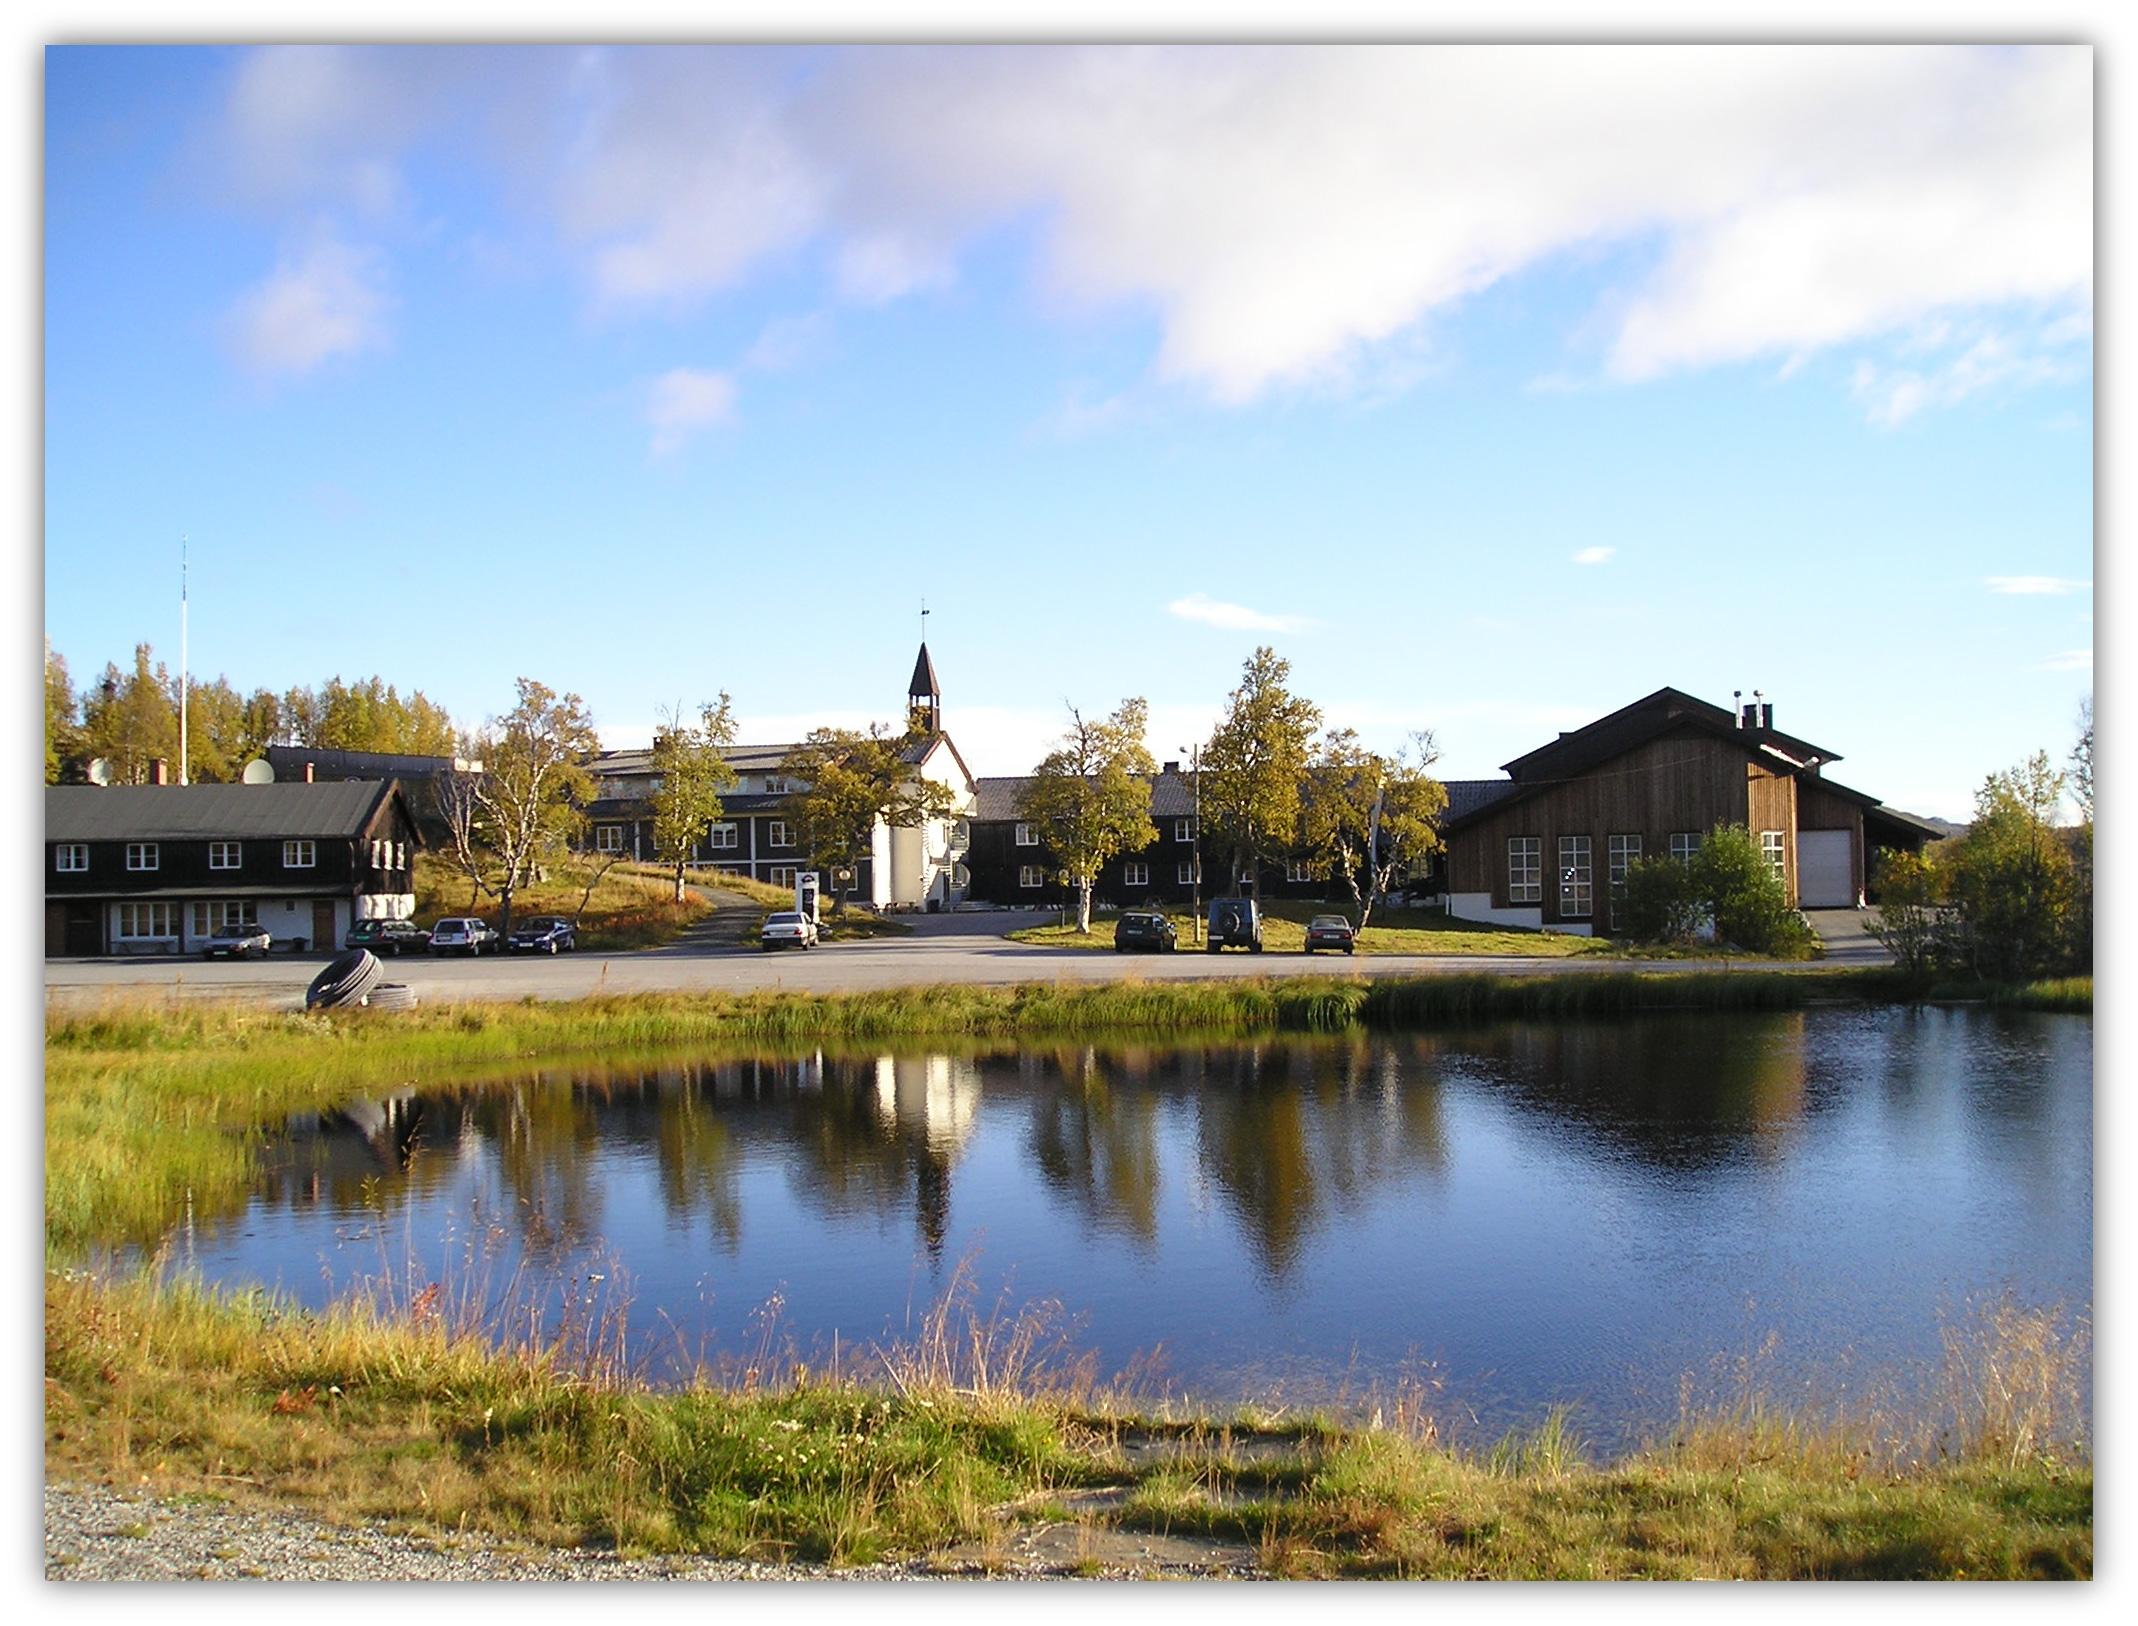 Skinnarbu Nasjonalparkhotell har flott beliggenhet - 1000 m.o.h., på terskelen til Hardangervidda. , © Skinnarbu Nasjonalparkhotell